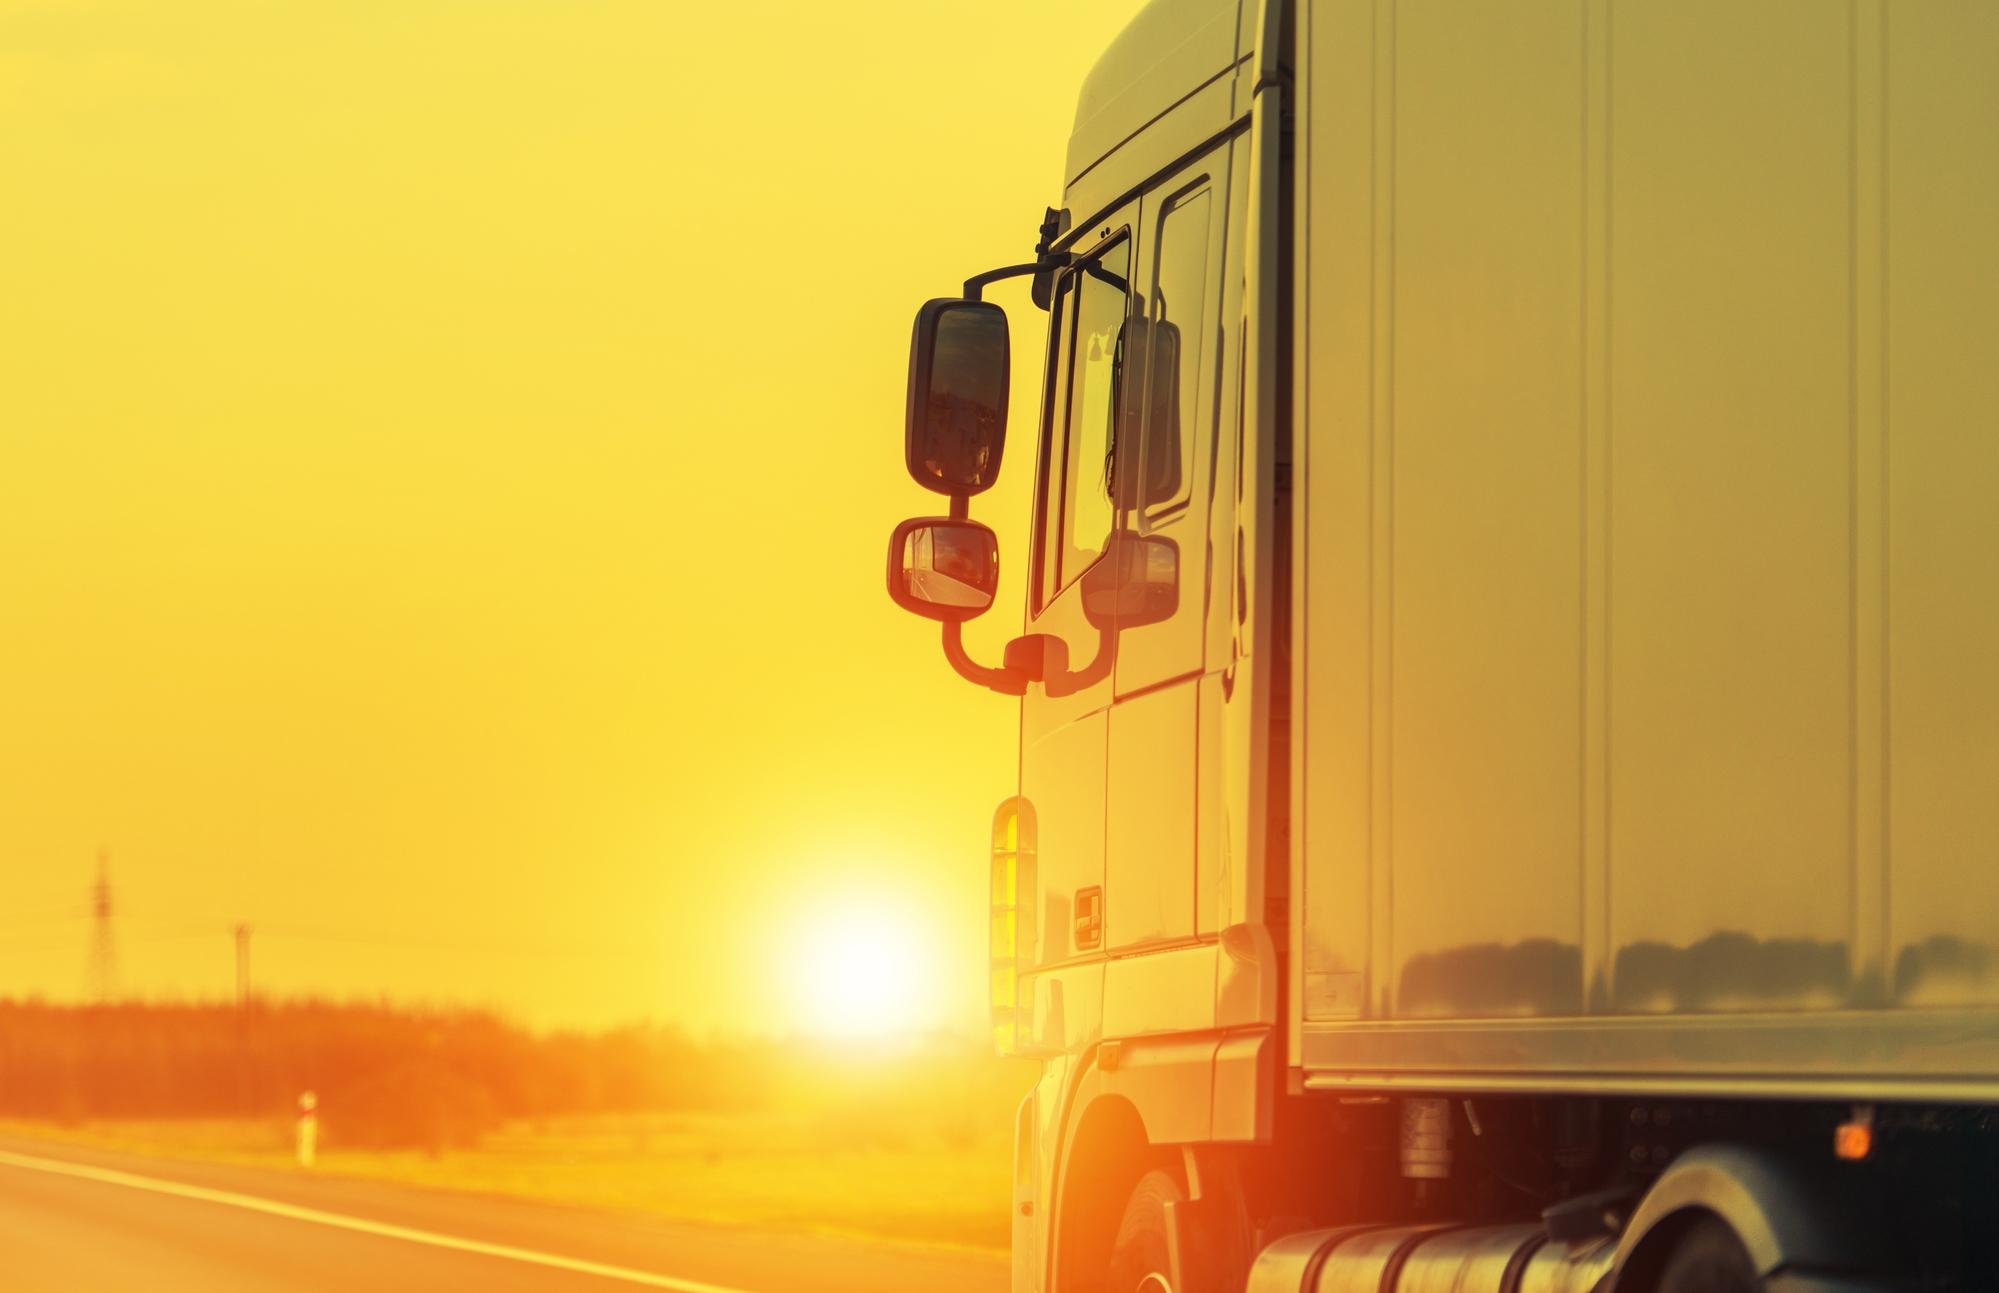 Glaring sun over a truck